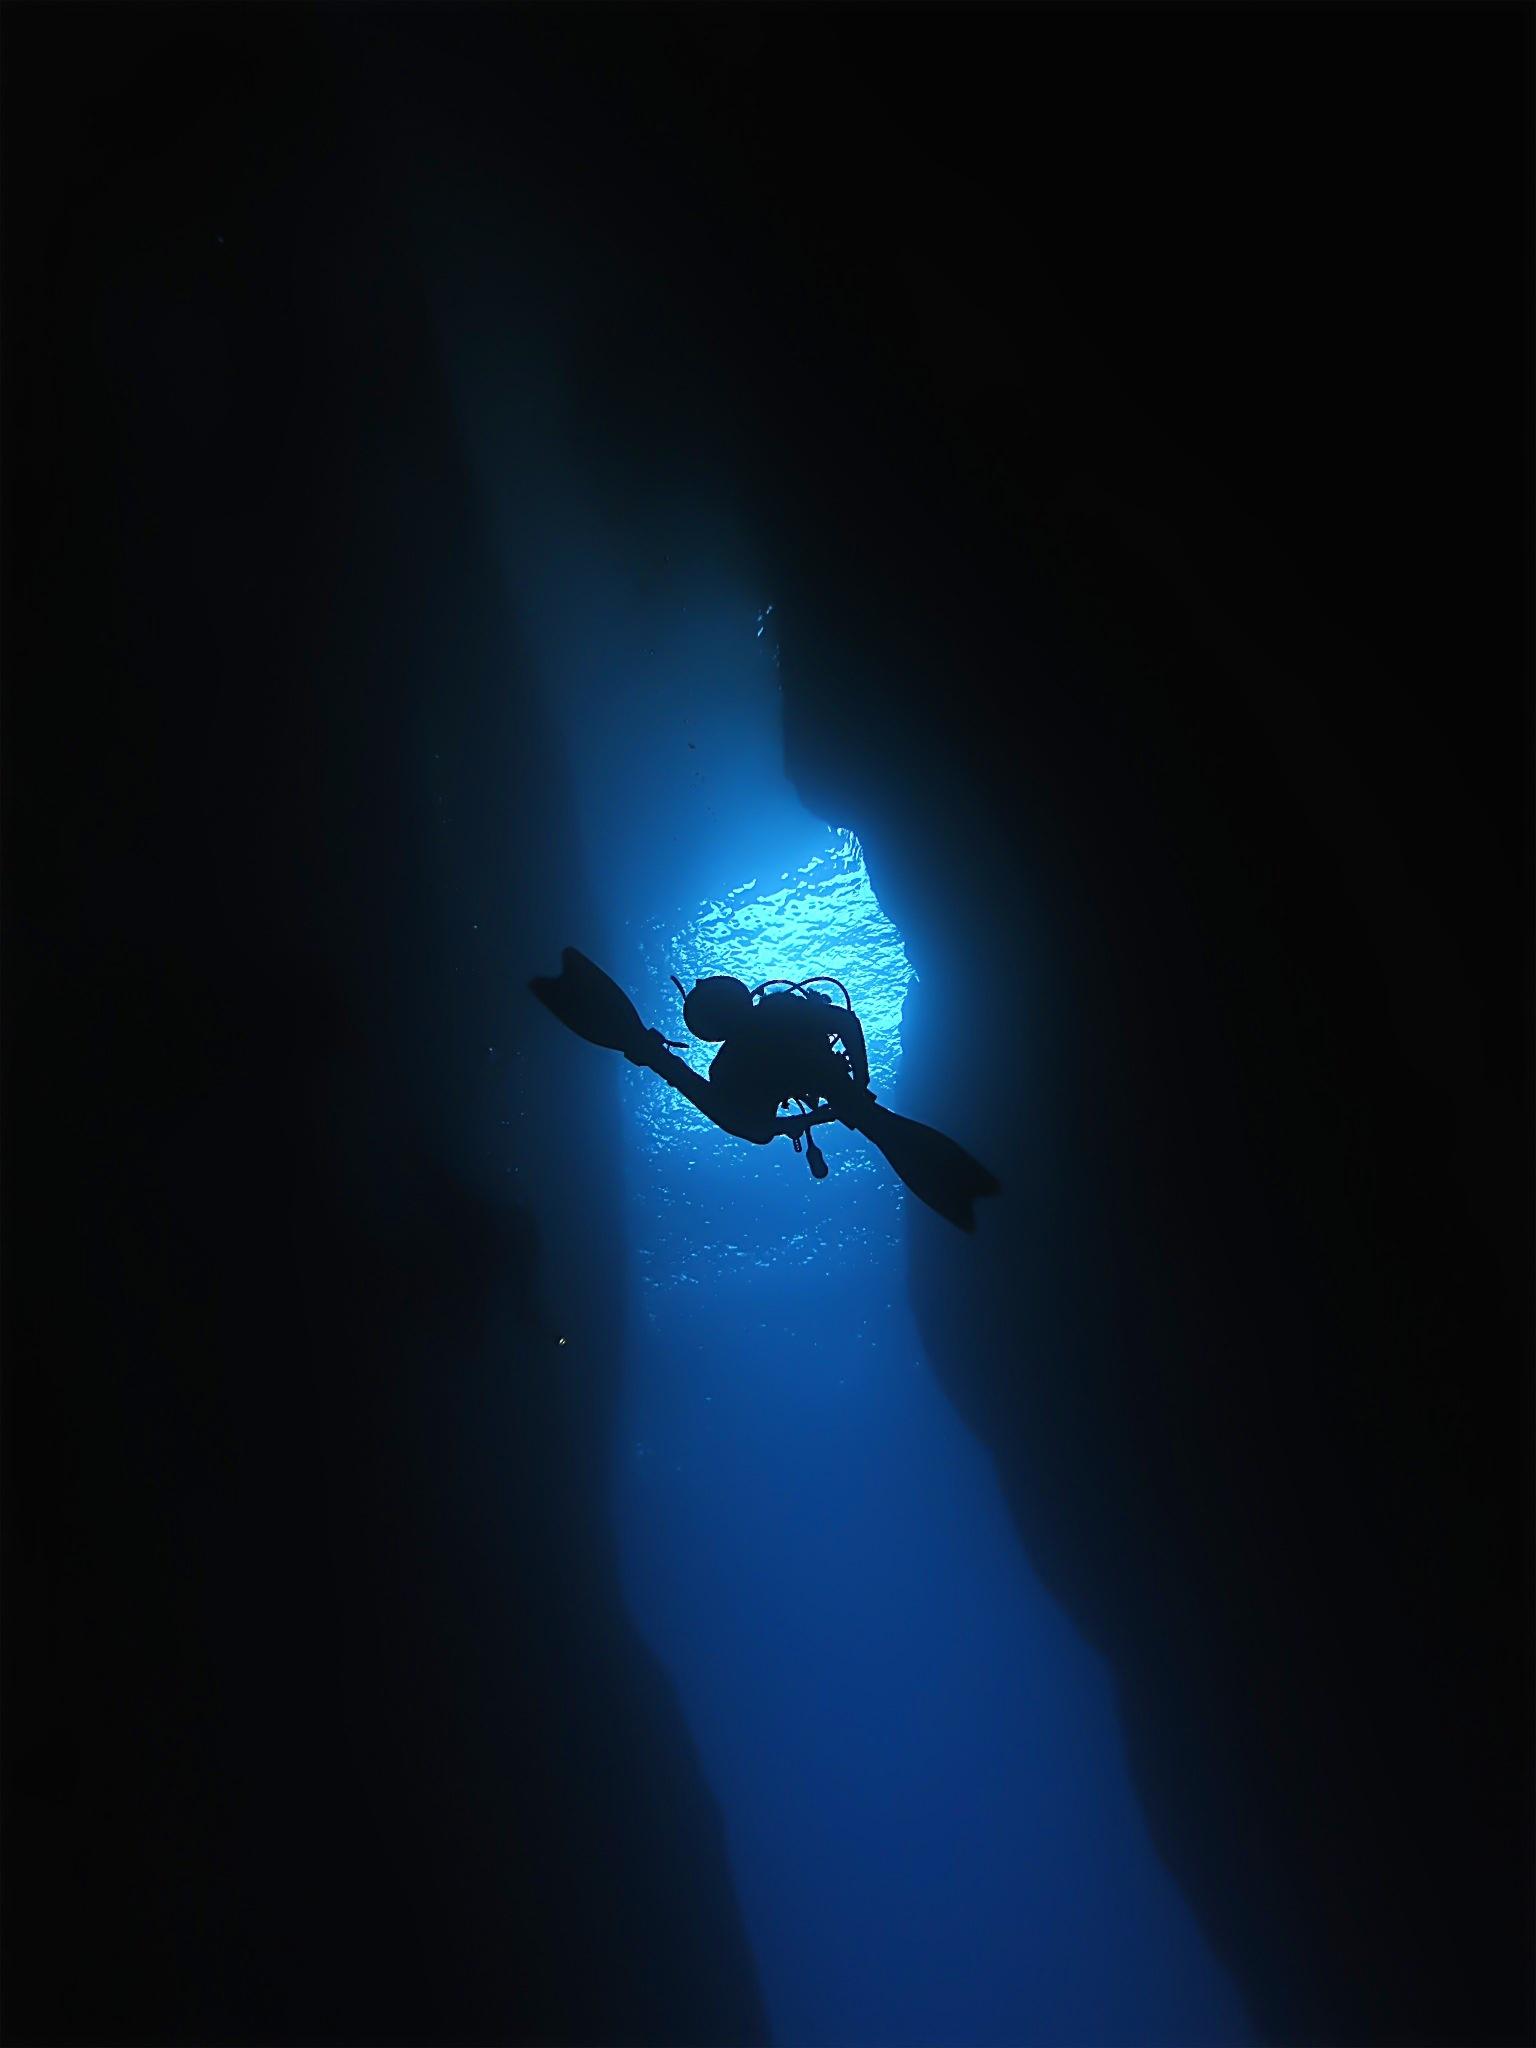 Diving for a good dicking eliza ibarra full scene on httpbitlybrasex - 2 5